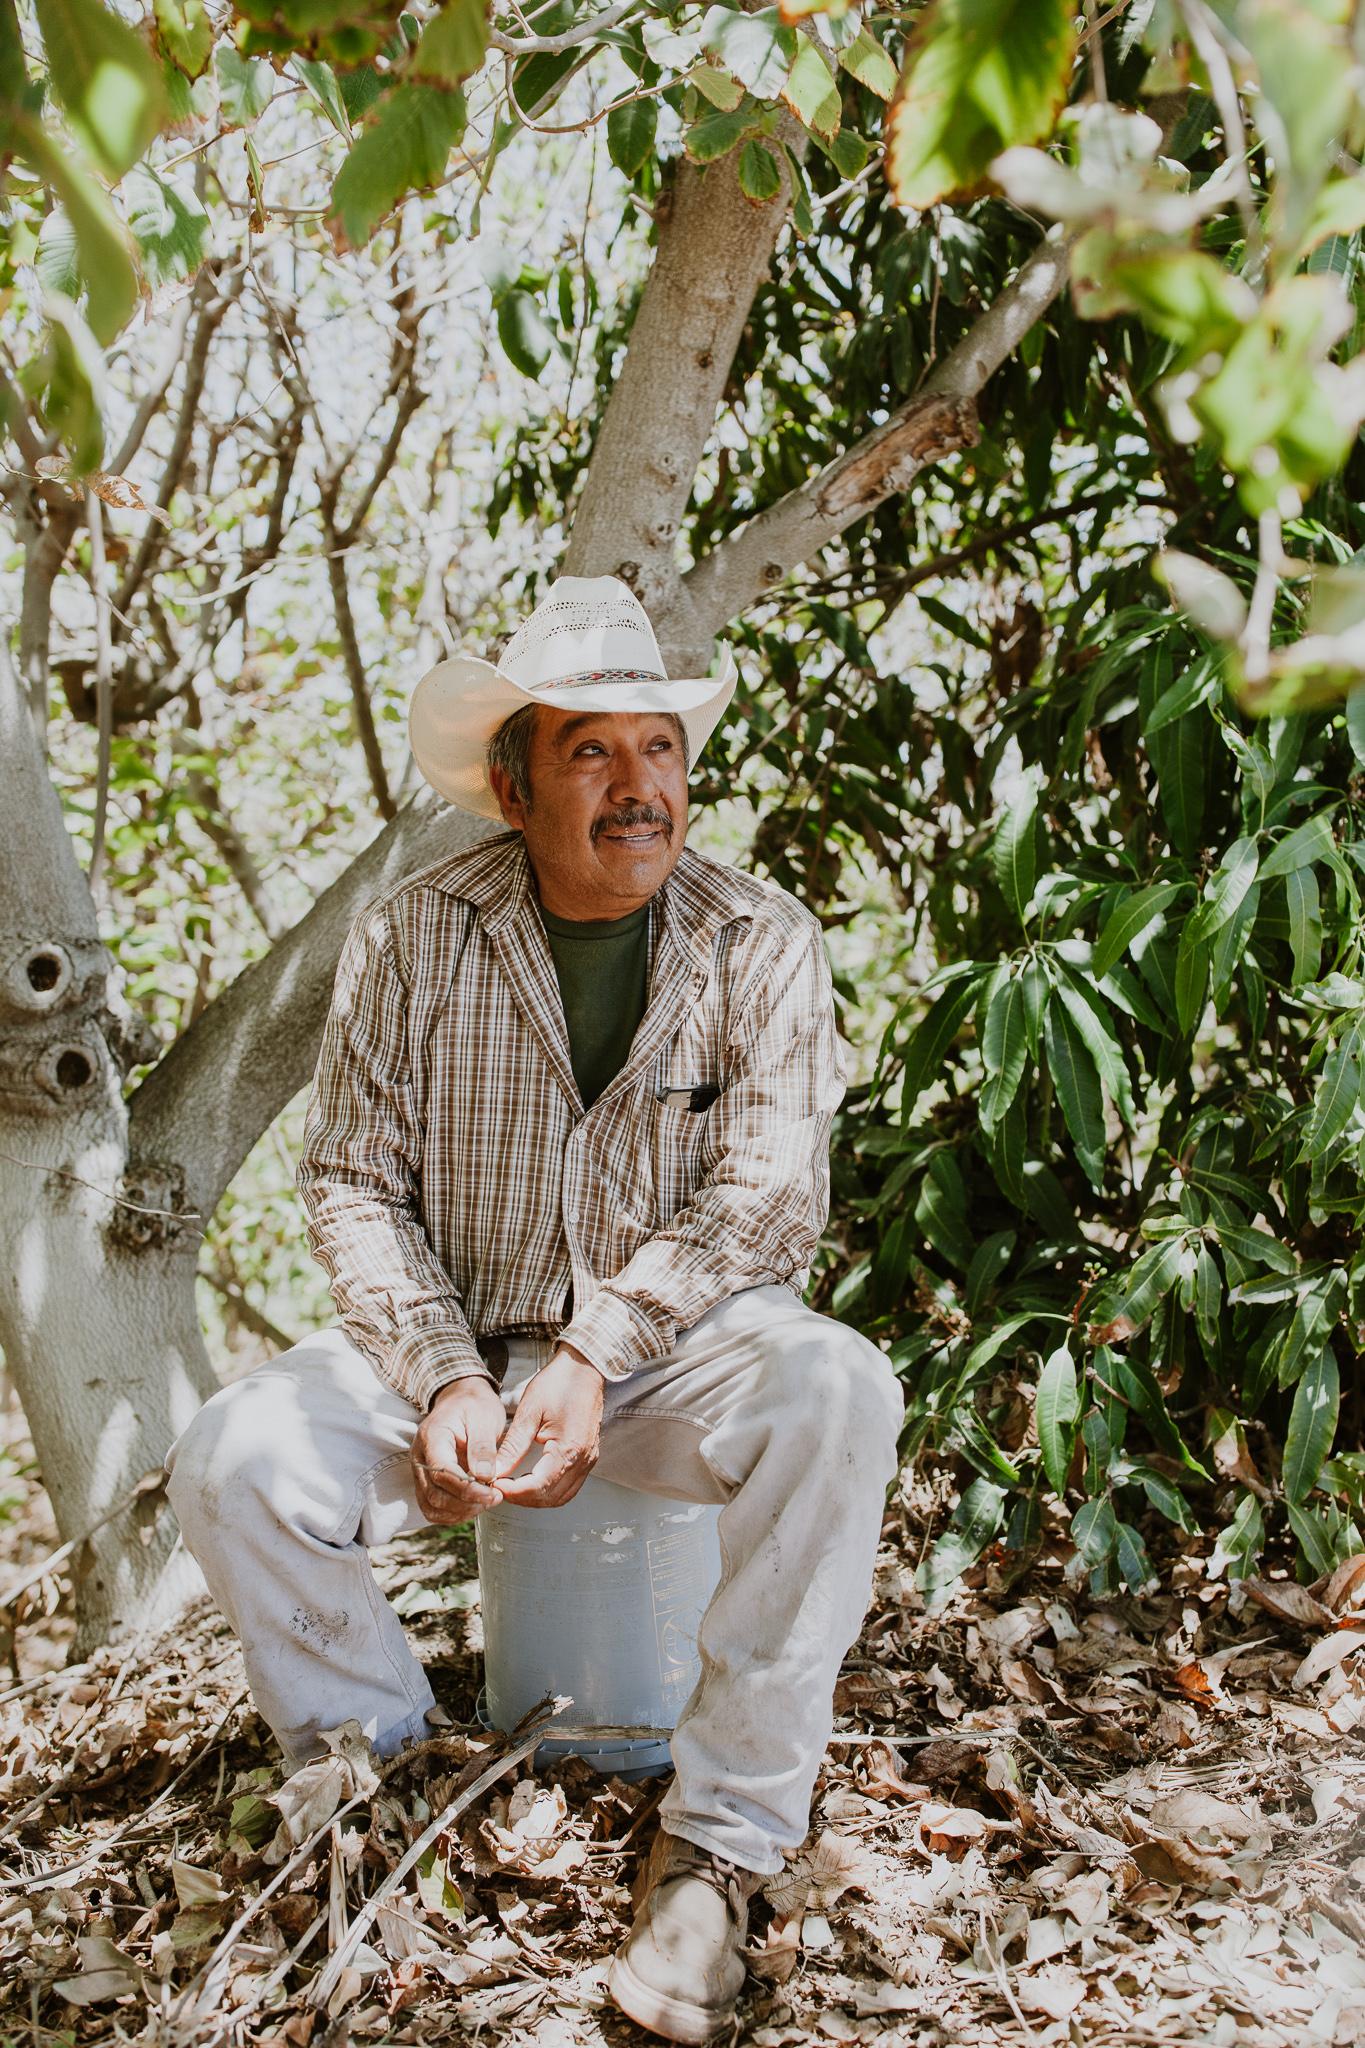 A man sitting under a tree